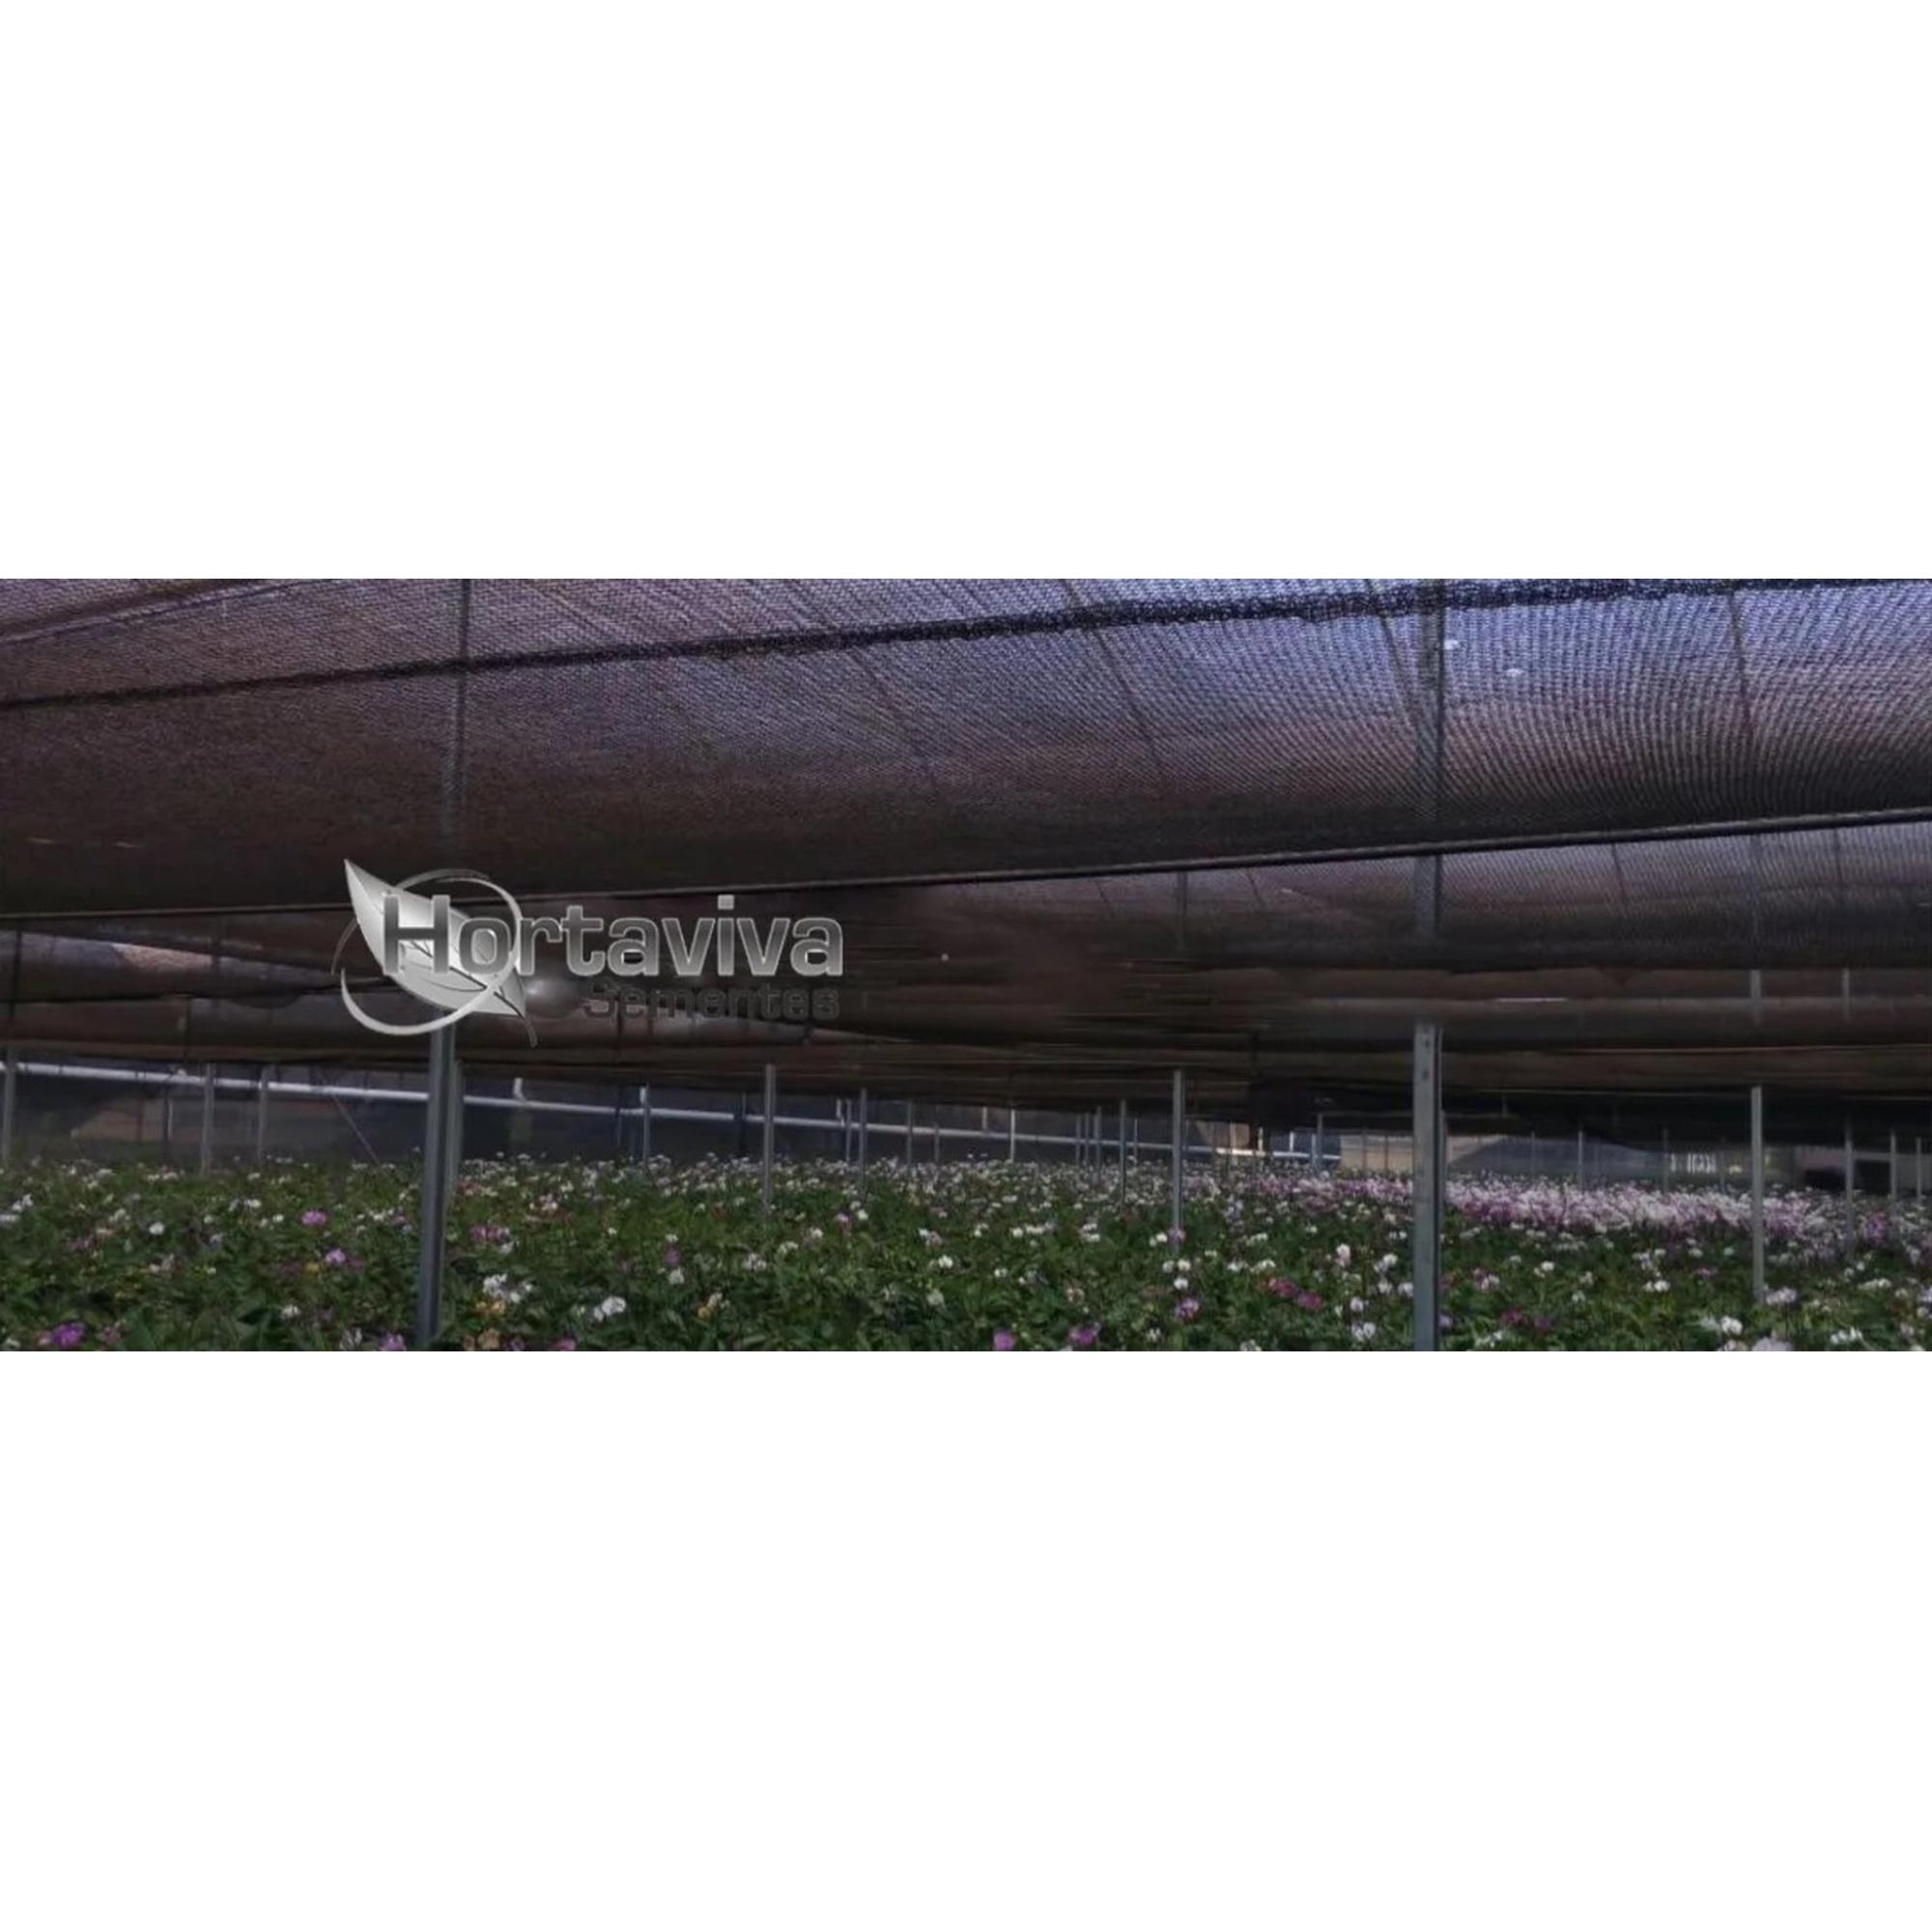 Tela de Sombreamento Preta 50% - 12 Metros x 35 Metros